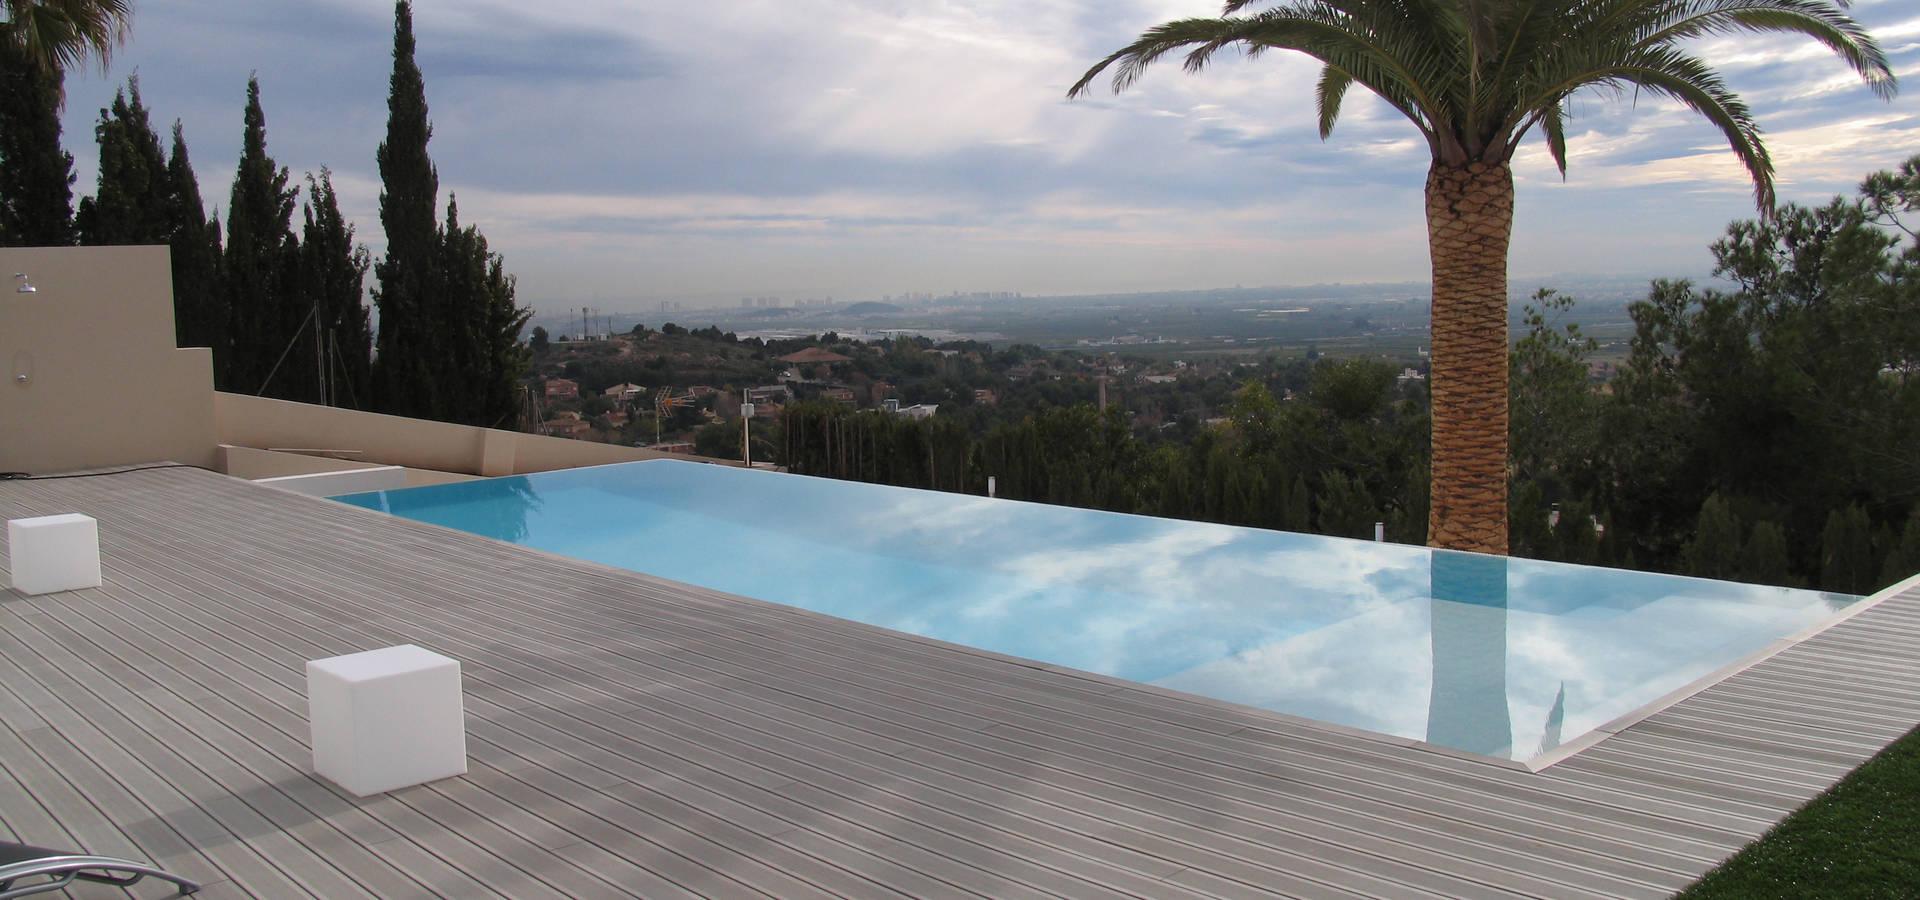 Piscina privada desbordante con playa interior by itp for W piscinas